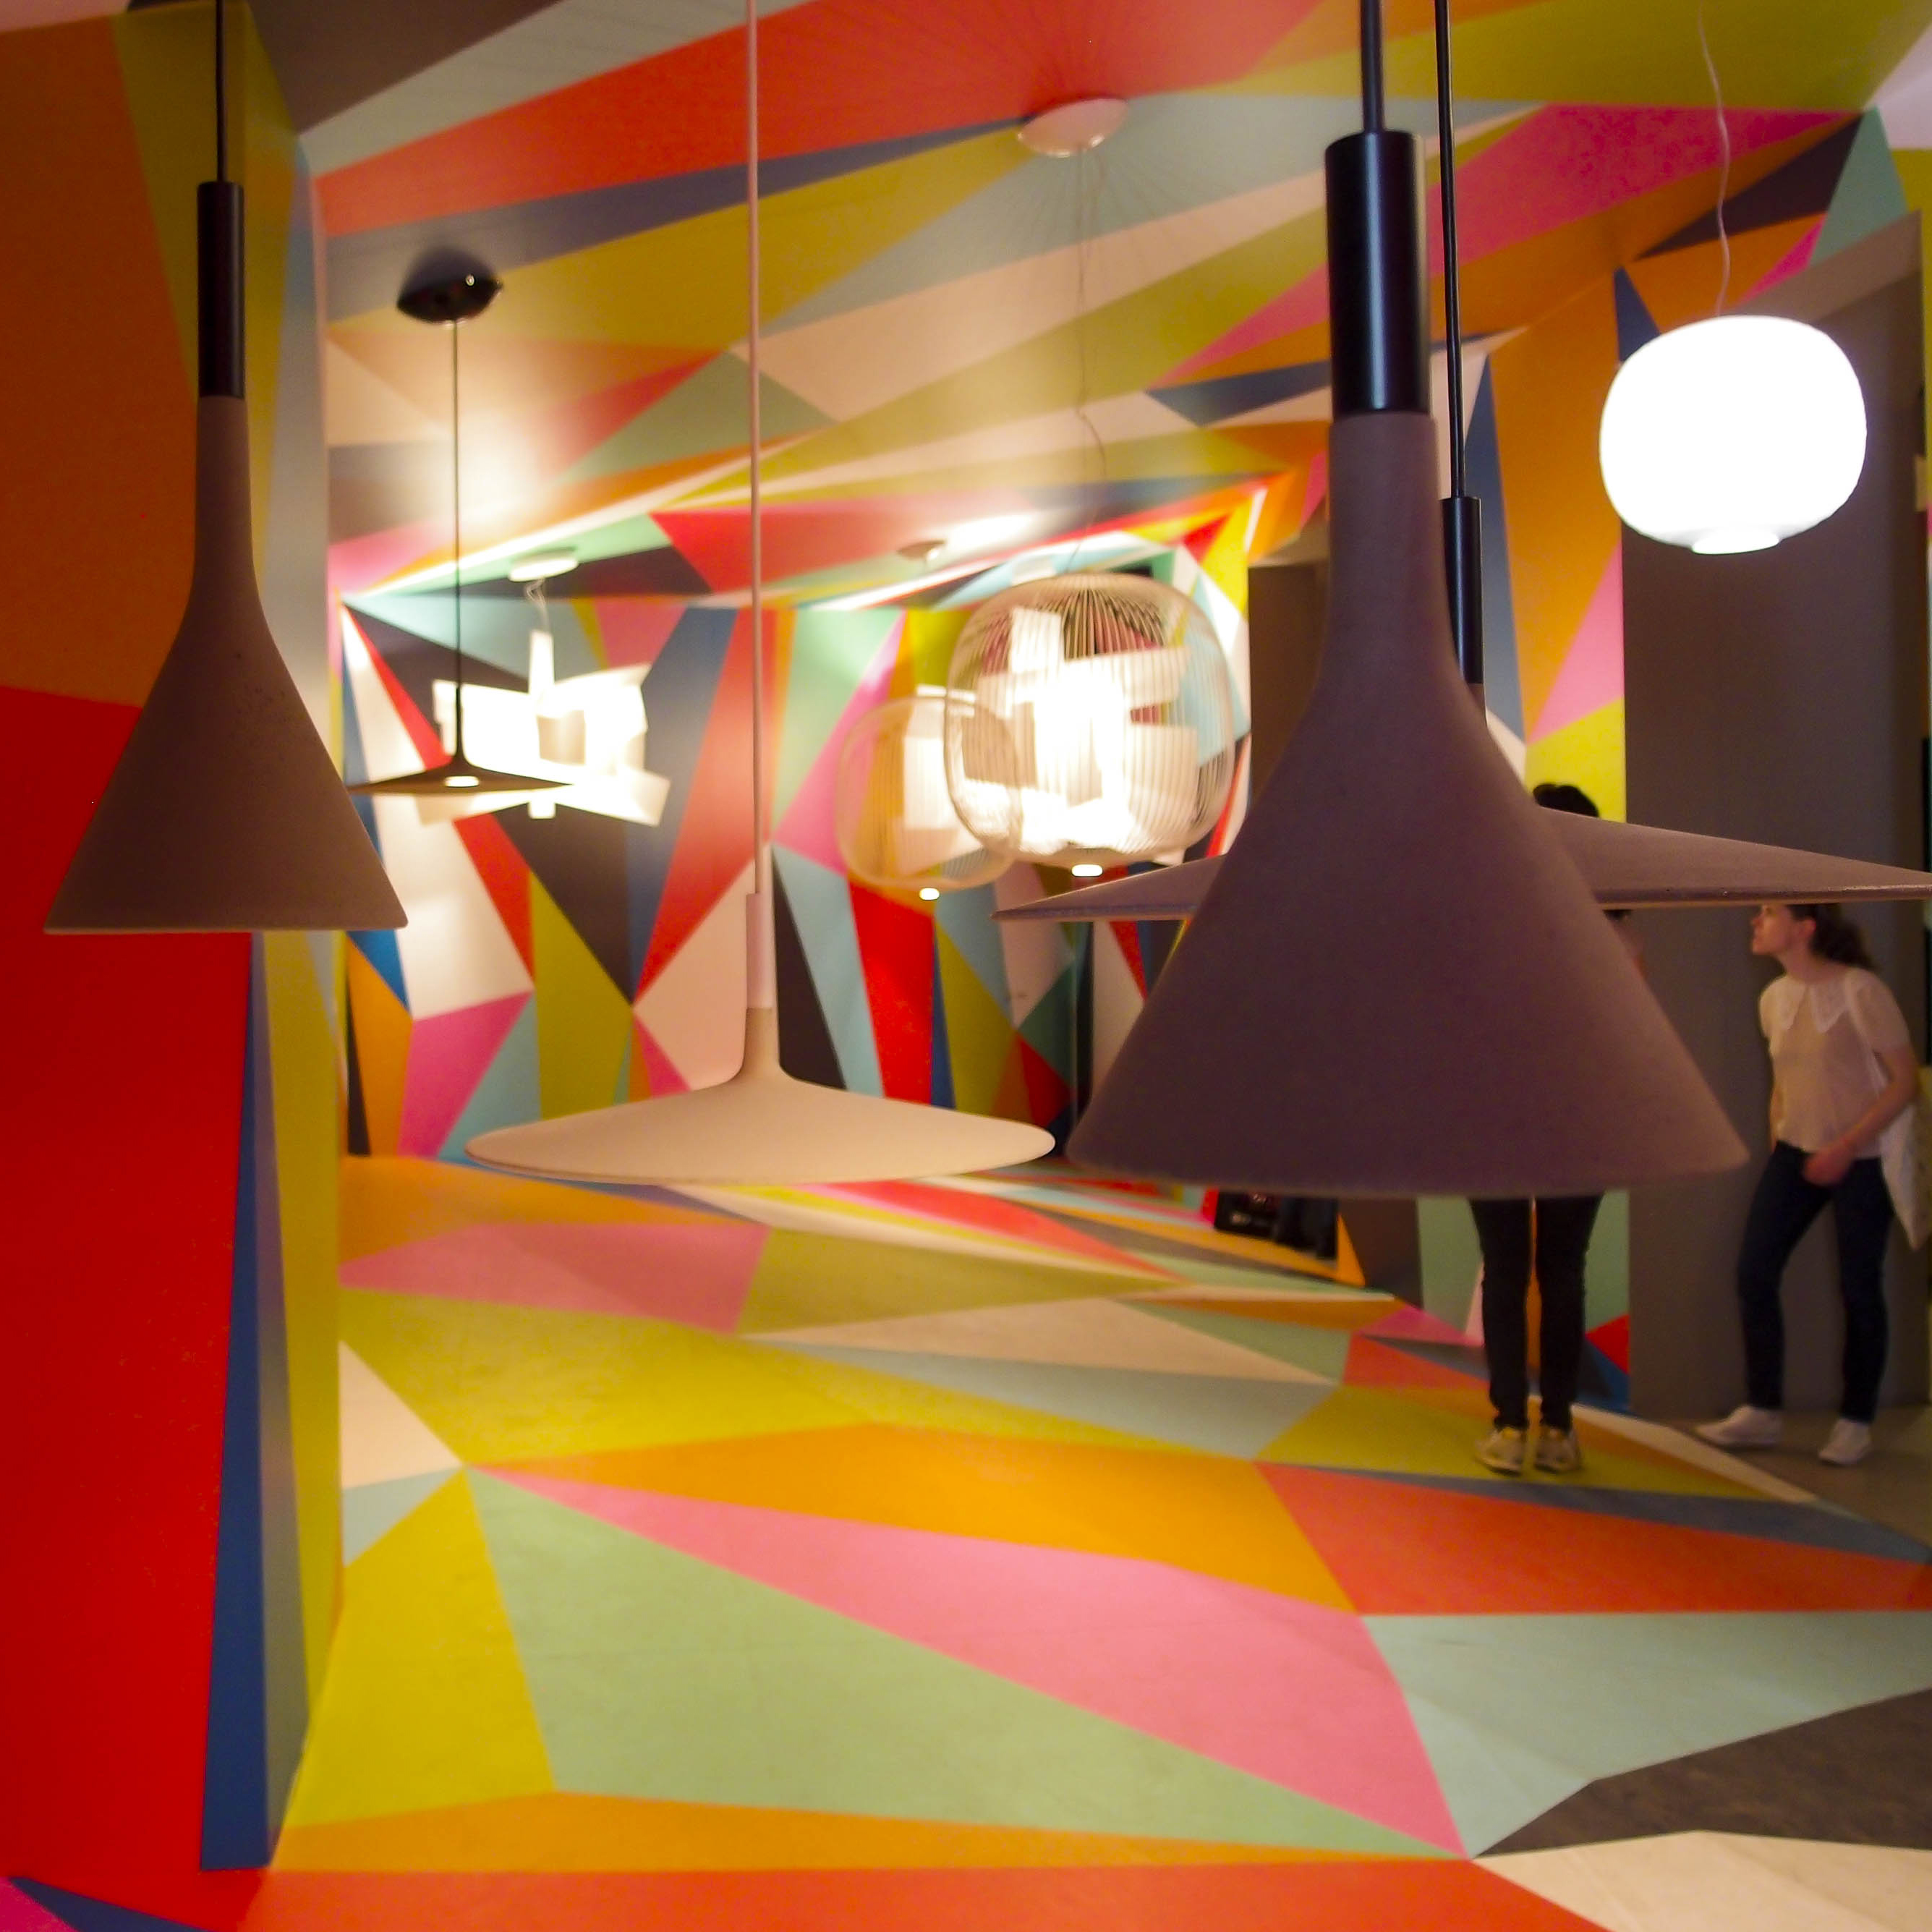 Foscarini: l'installazione realizzata da Ferruccio Laviani nello showroom dell'azienda